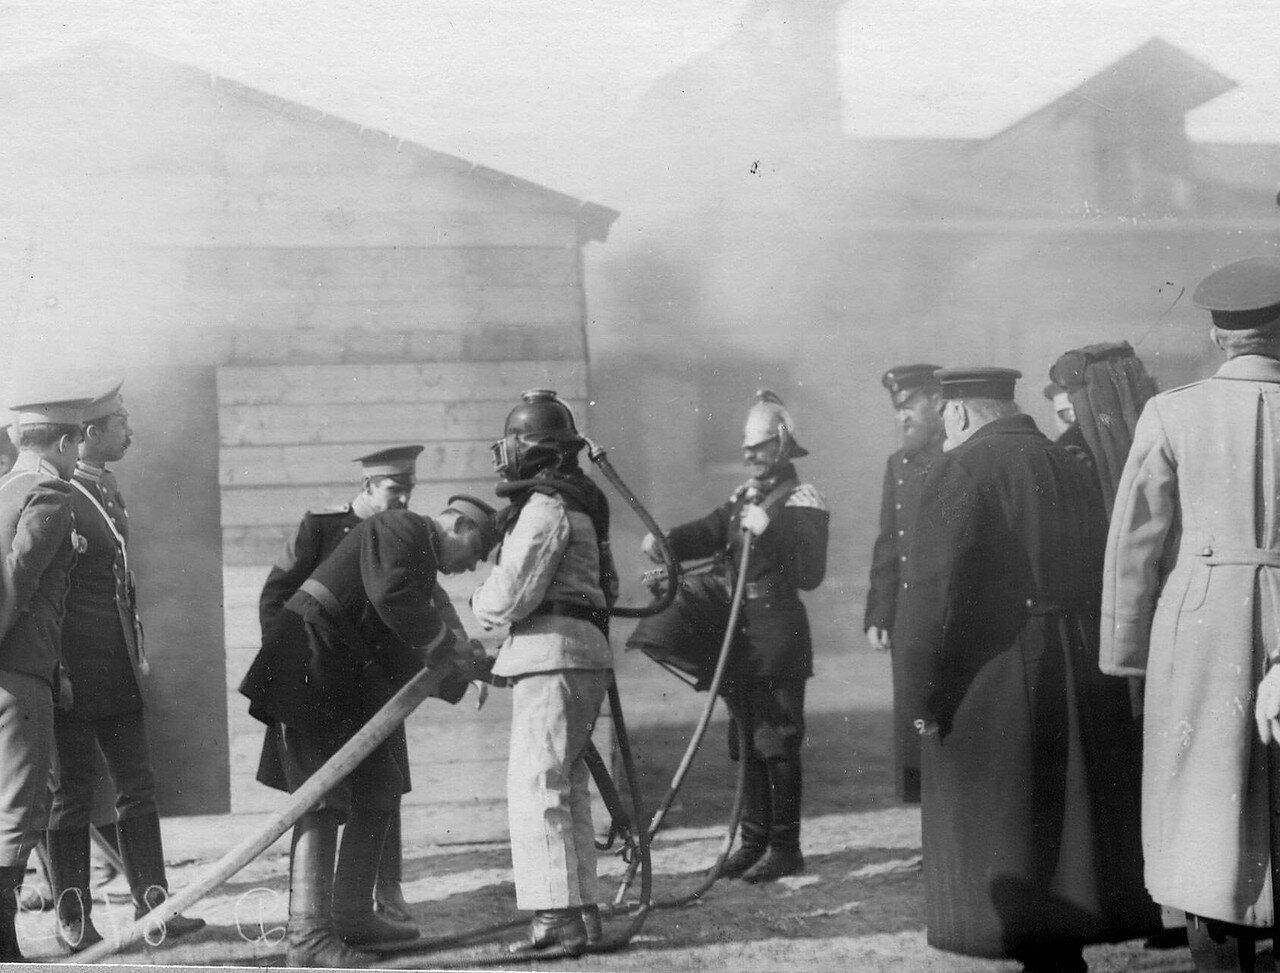 11. Великая княгиня Мария Павловна и сопровождающие ее лица наблюдают за работой пожарных в противодымном скафандре